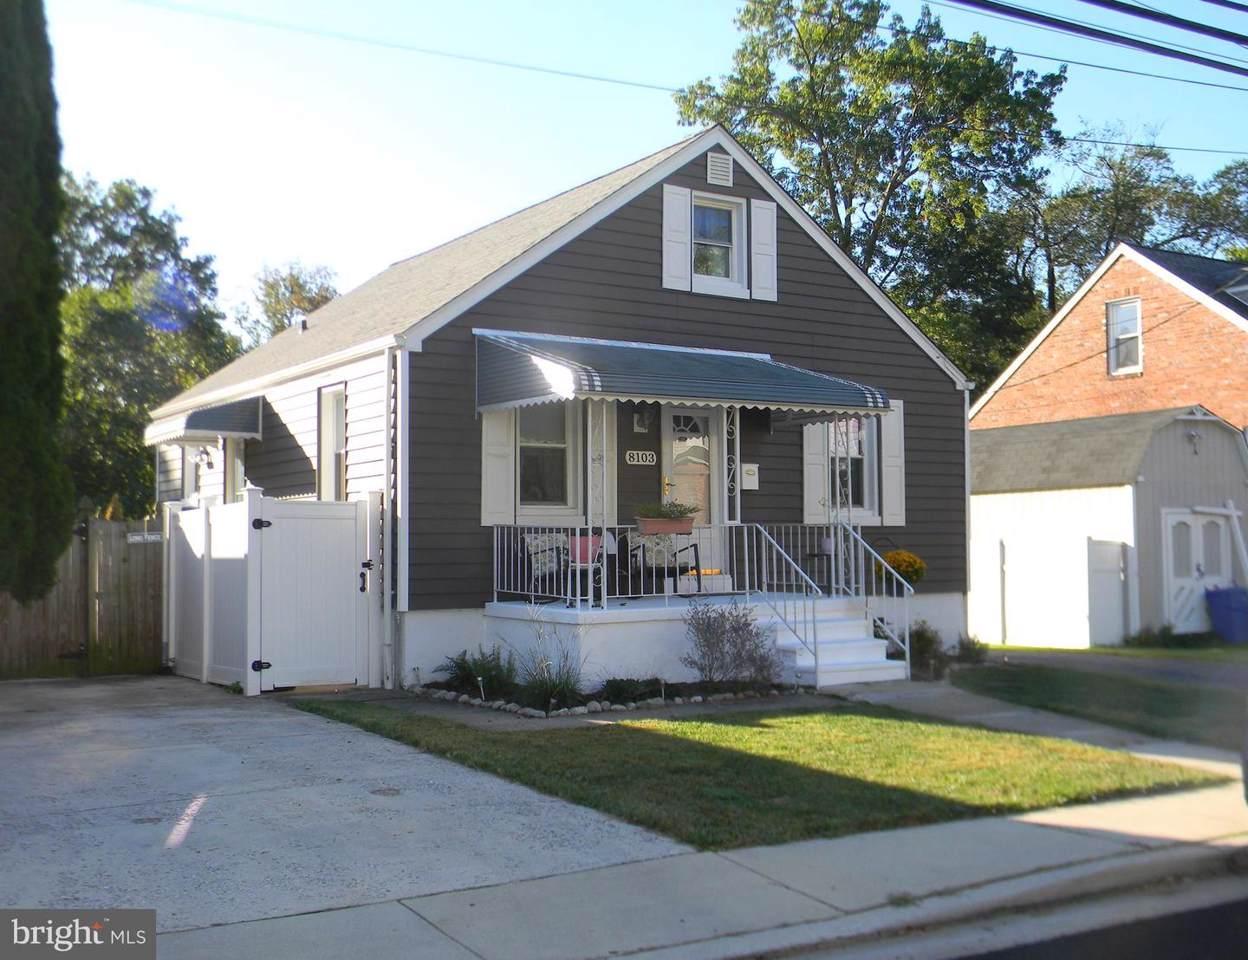 8103 Wilson Avenue - Photo 1